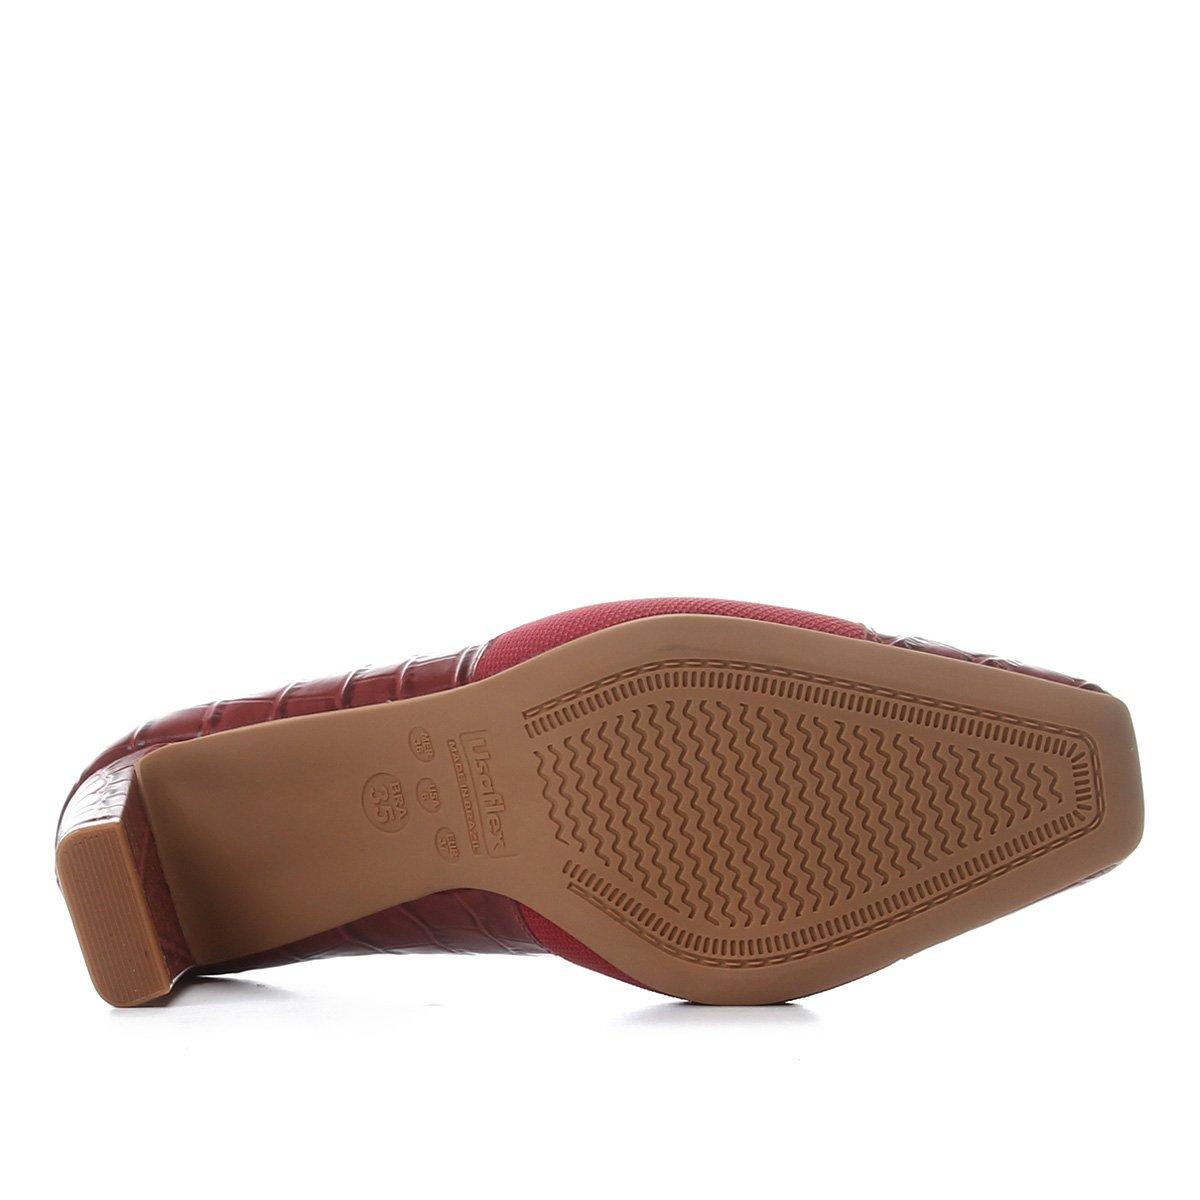 Scarpin Couro Usaflex Salto Alto Croco Elástico Joanete - Vermelho VQz4g